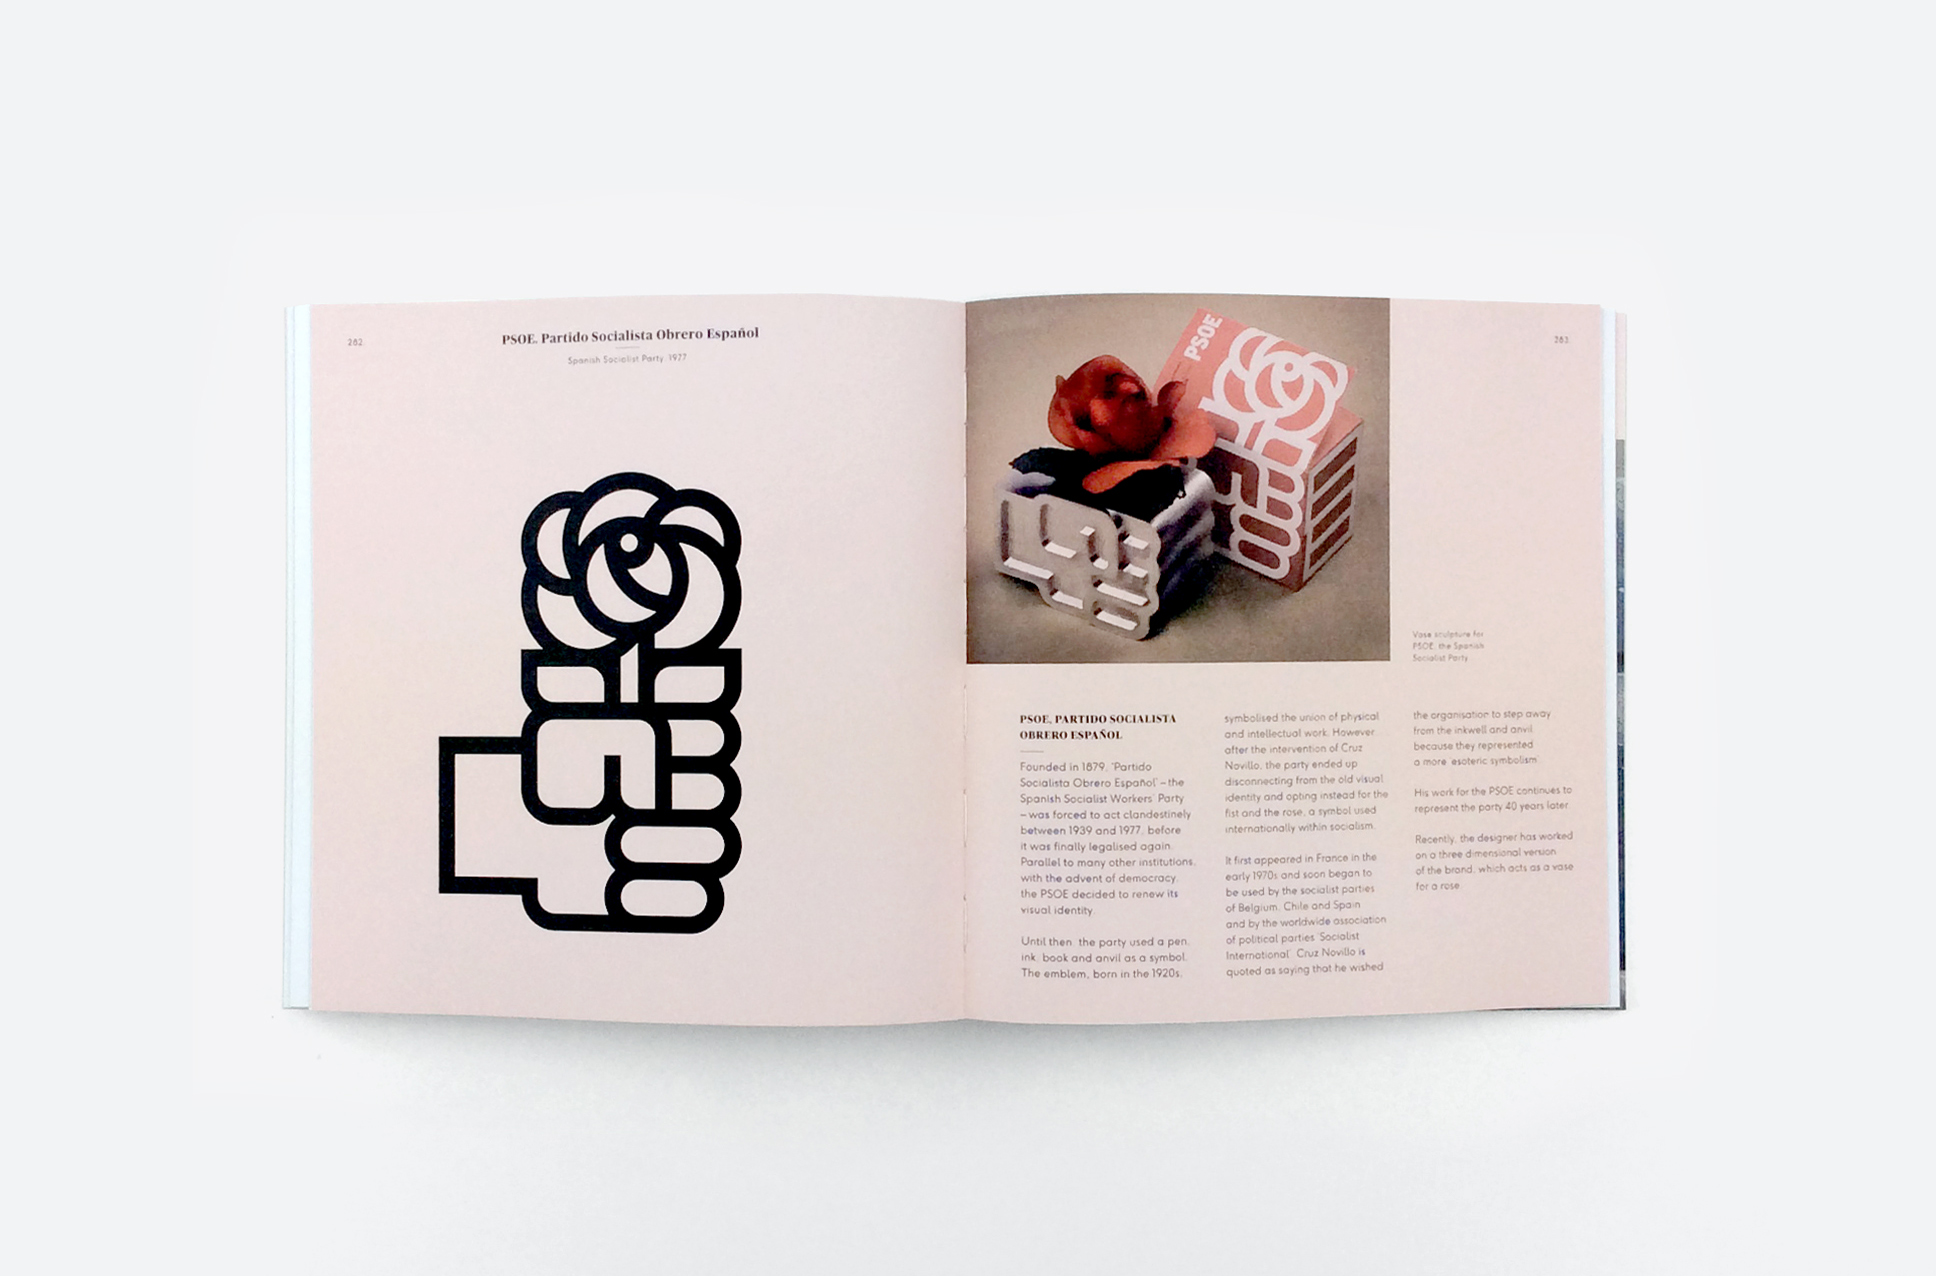 Cruz Novillo: Spain's most prolific graphic designer?